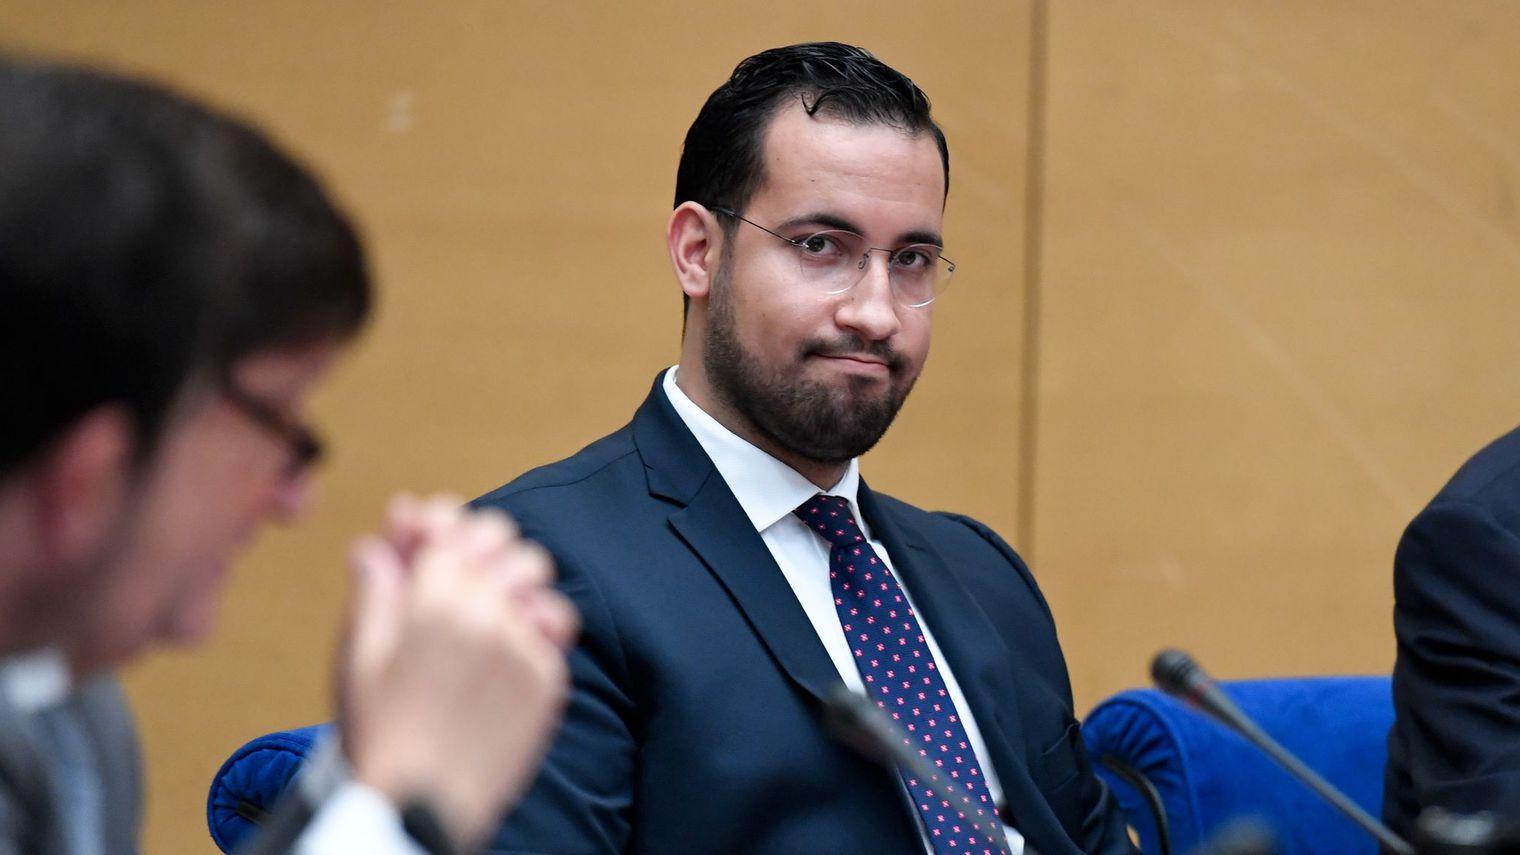 Alexandre Benalla, ex-chargé de mission de l'Elysée lors de son audition devant le Senat, à Paris, le 19 septembre 2018. afp.com/Bertrand GUAY